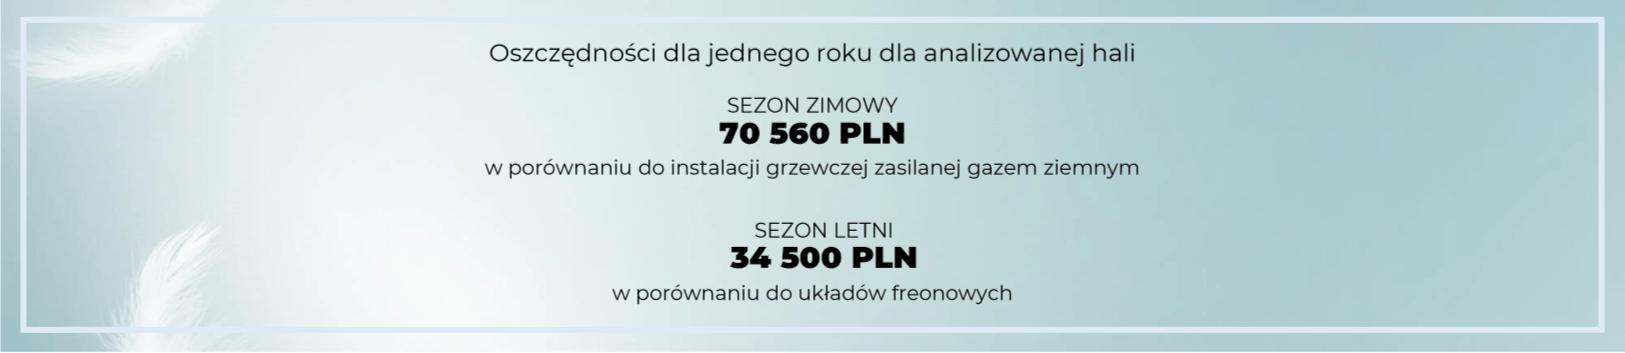 grafika_oszczednosci-w-hali